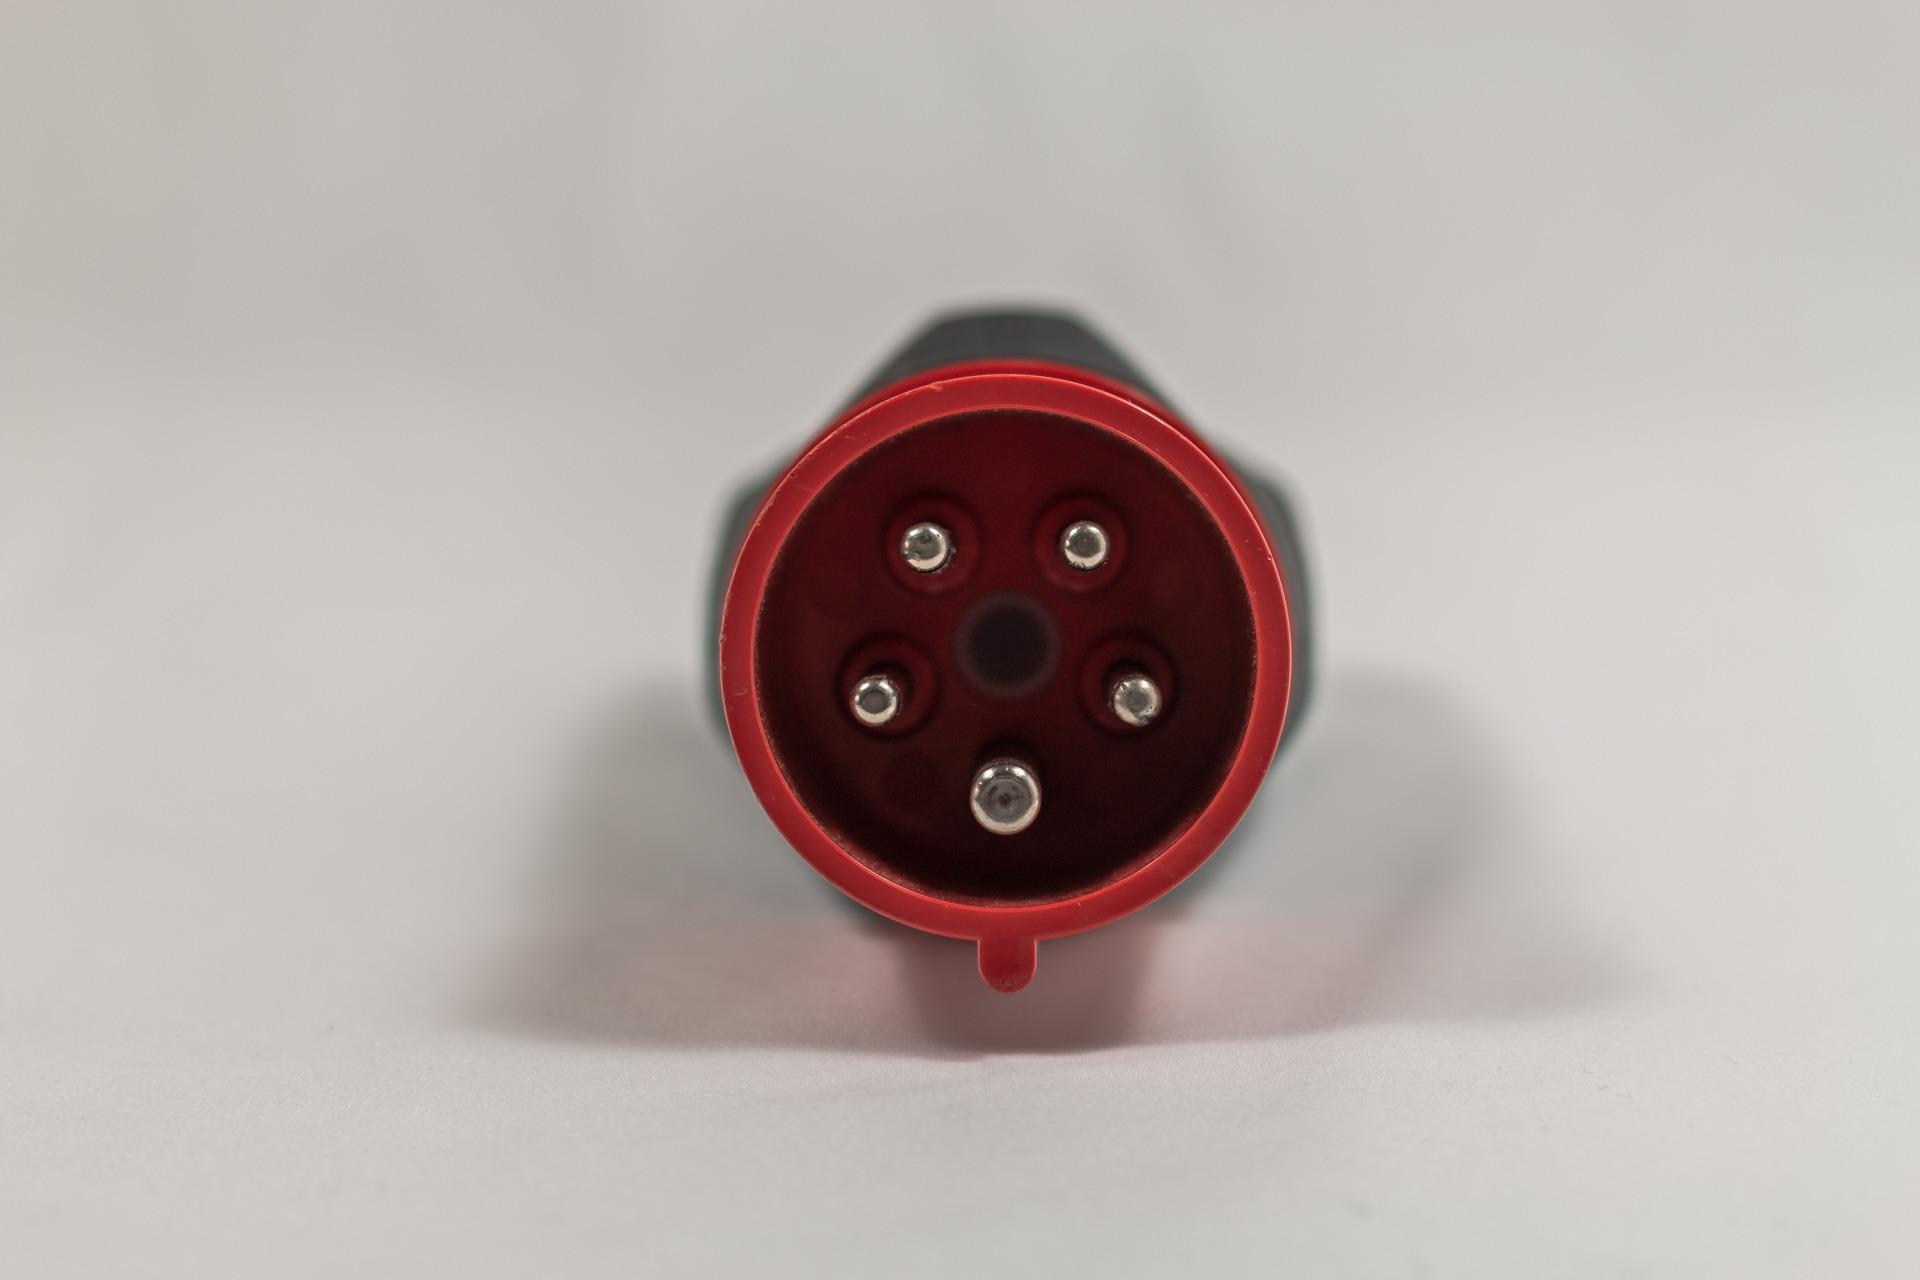 CEE16 Rot Stecker Tesla UMC 1. Generation Kabel Adapter Ladegerät 11 kW dreiphasig 3-phasig Greenspeed gebraucht kaufen Aachen Deutschland